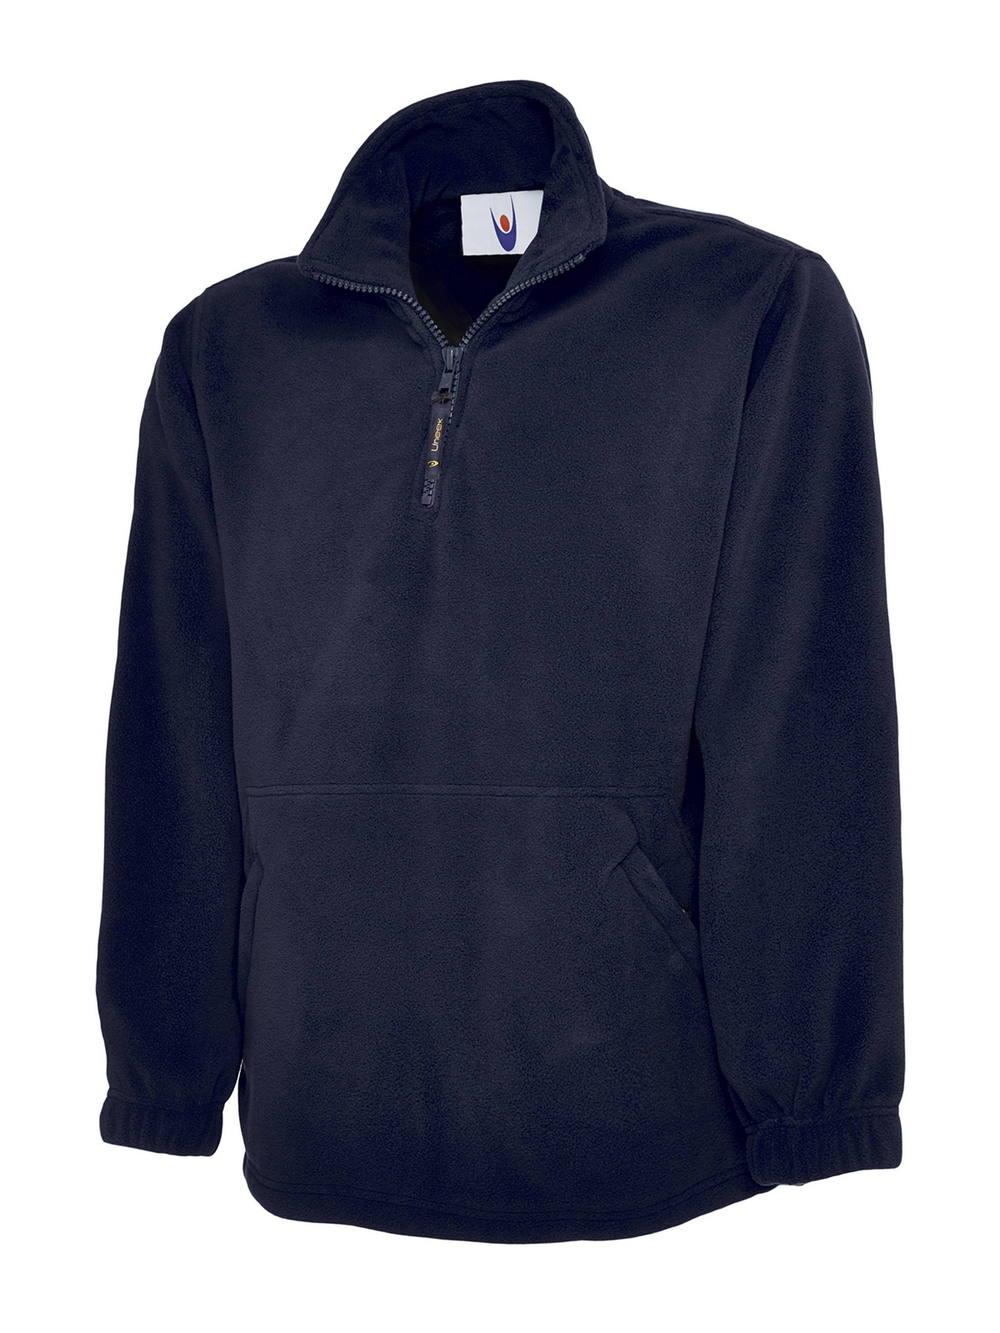 Uneek Premium 1/4 Zip Micro Fleece Jacket